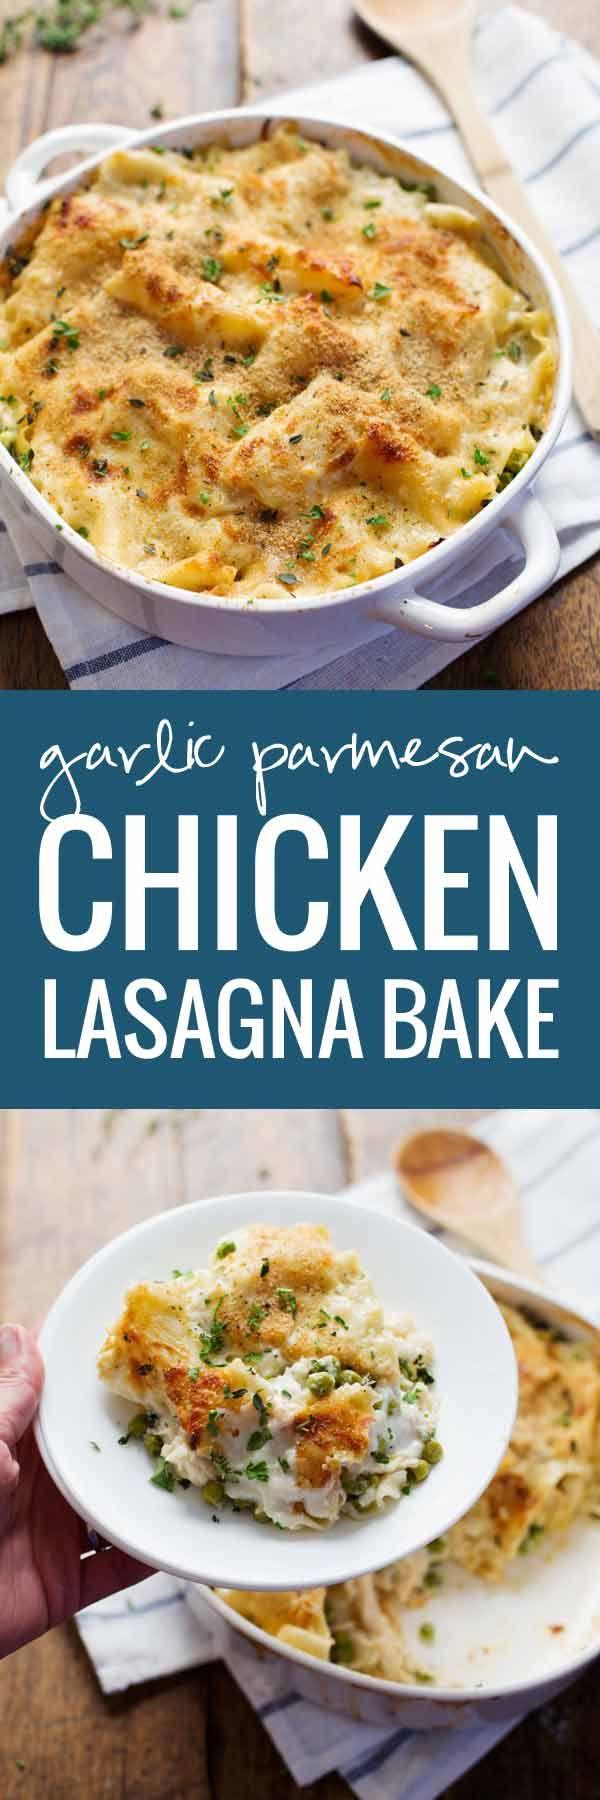 Garlic Parmesan Chicken Lasagna Bake - Layers of lasagna noodles, chicken, peas, creamy garlic Parmesan sauce --> no cans, all real, totally yummy. 300 calories.